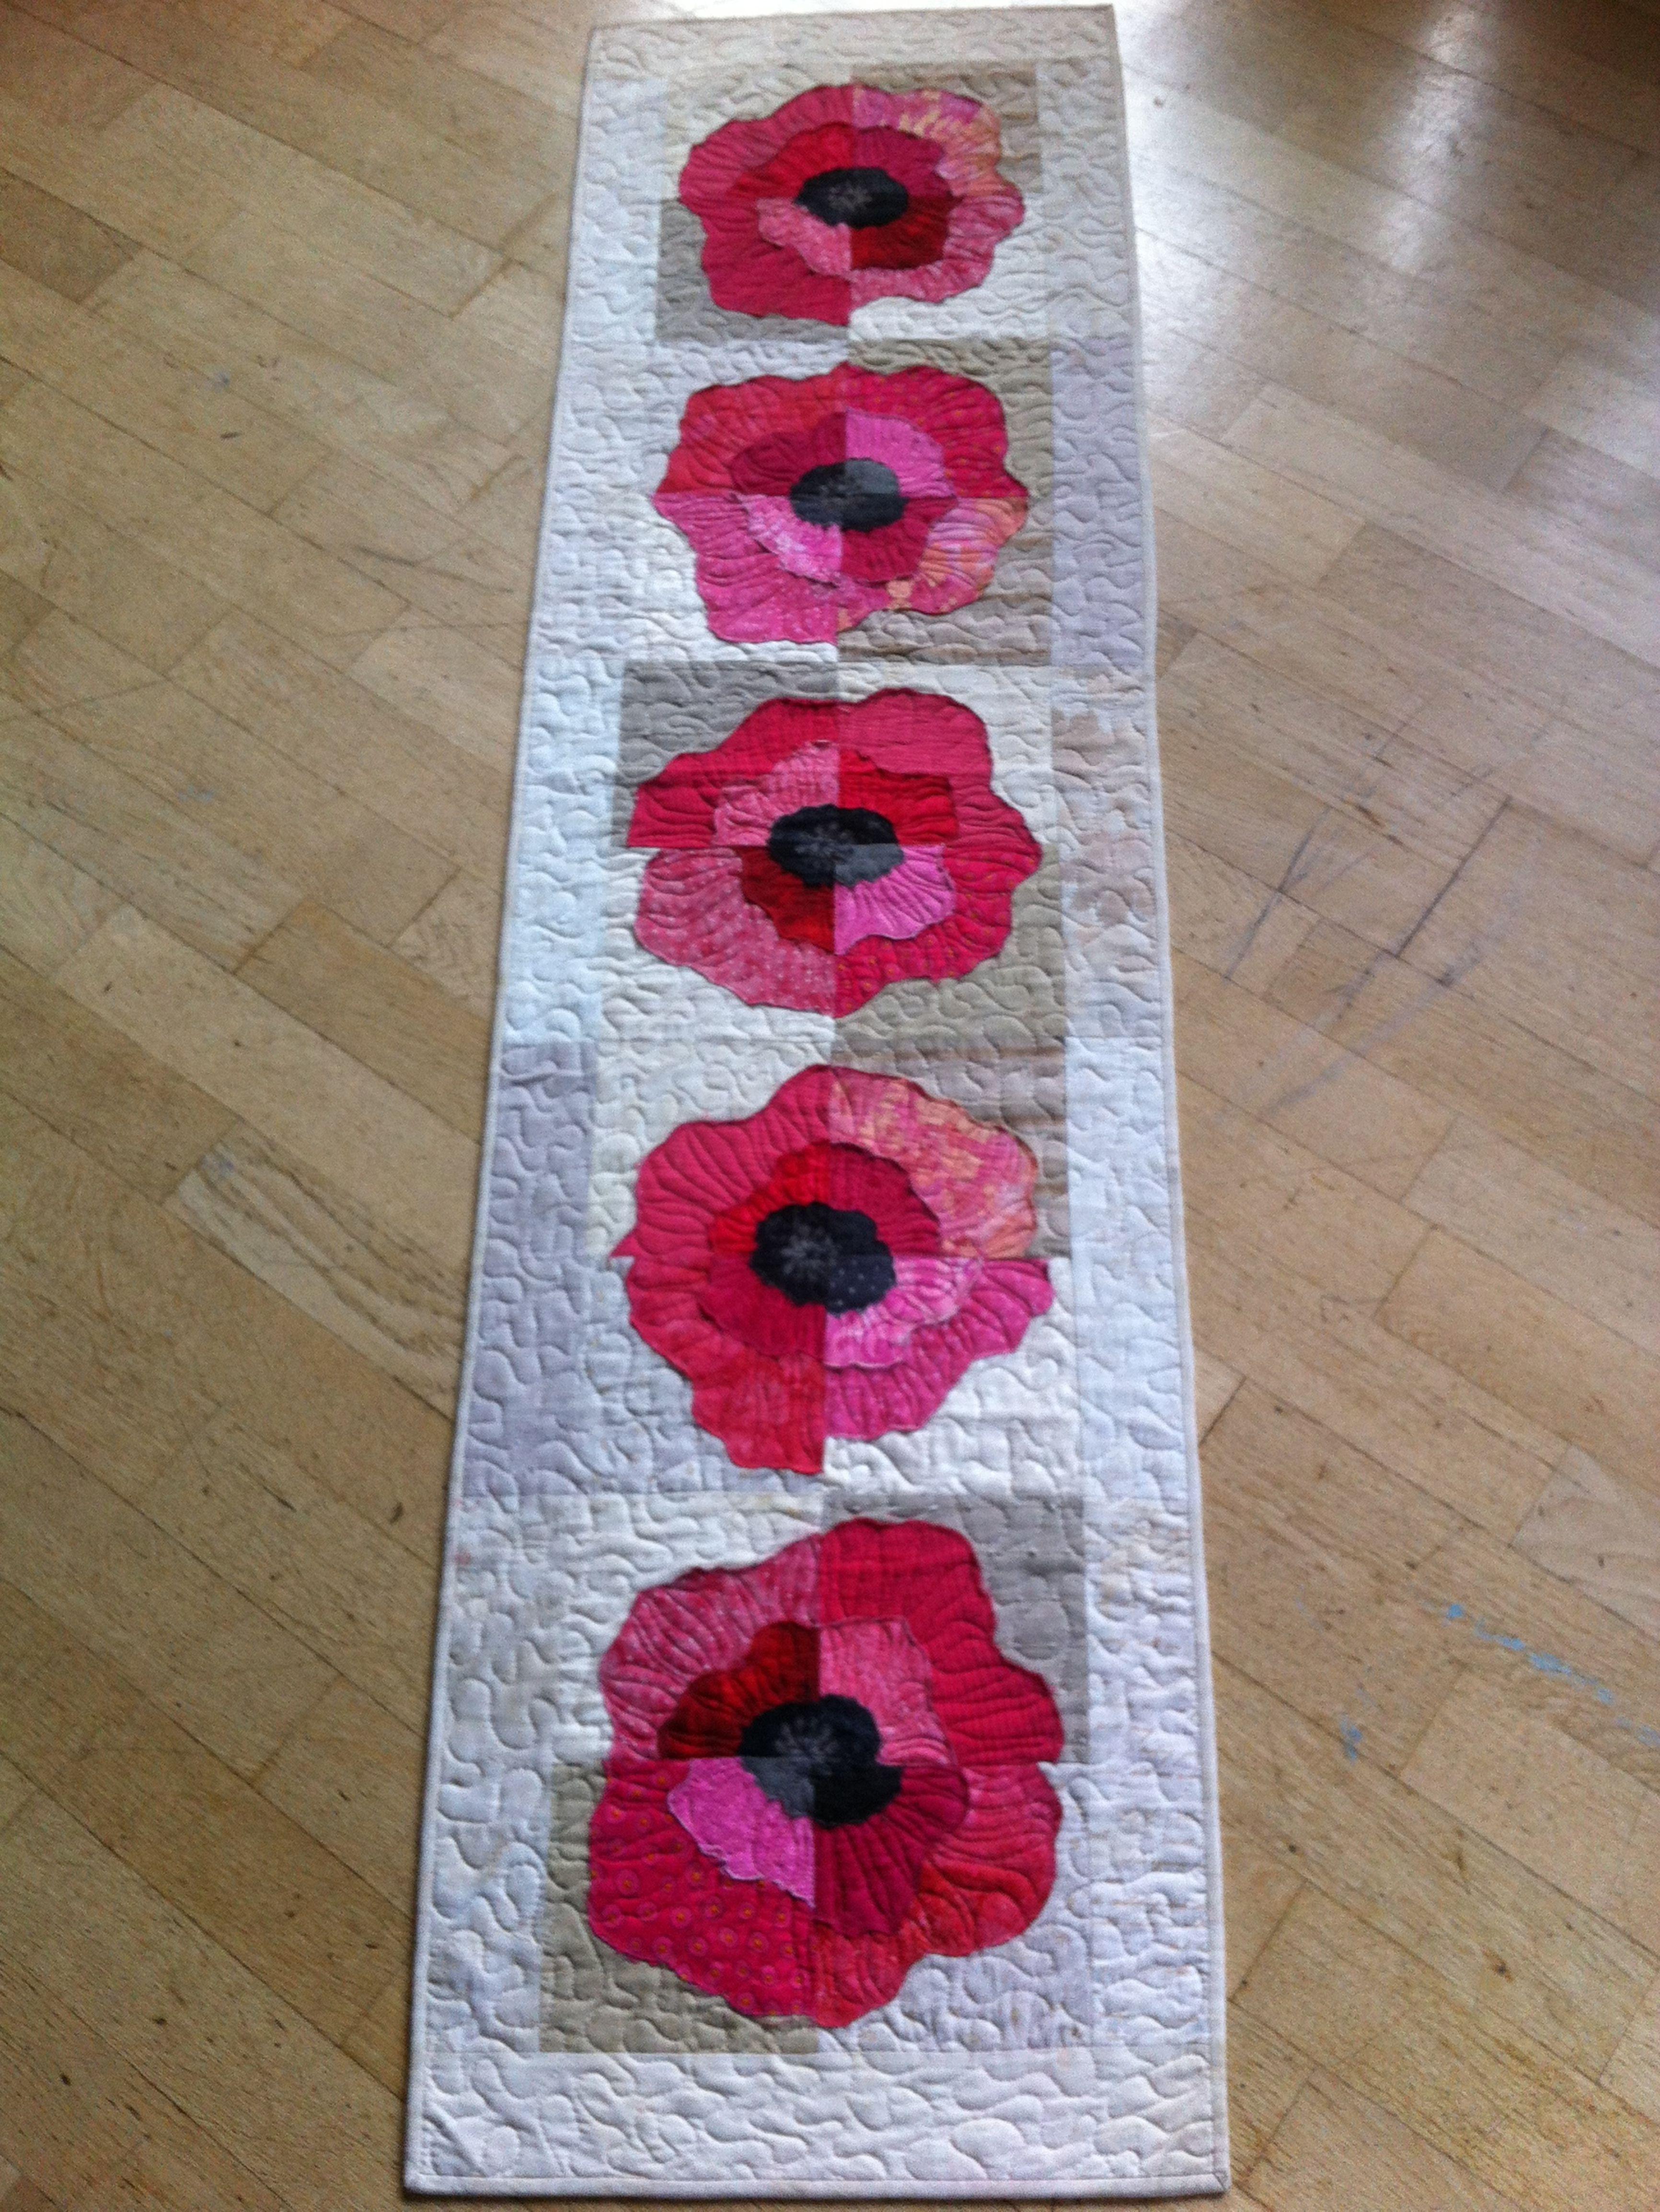 'I love poppies' table runner